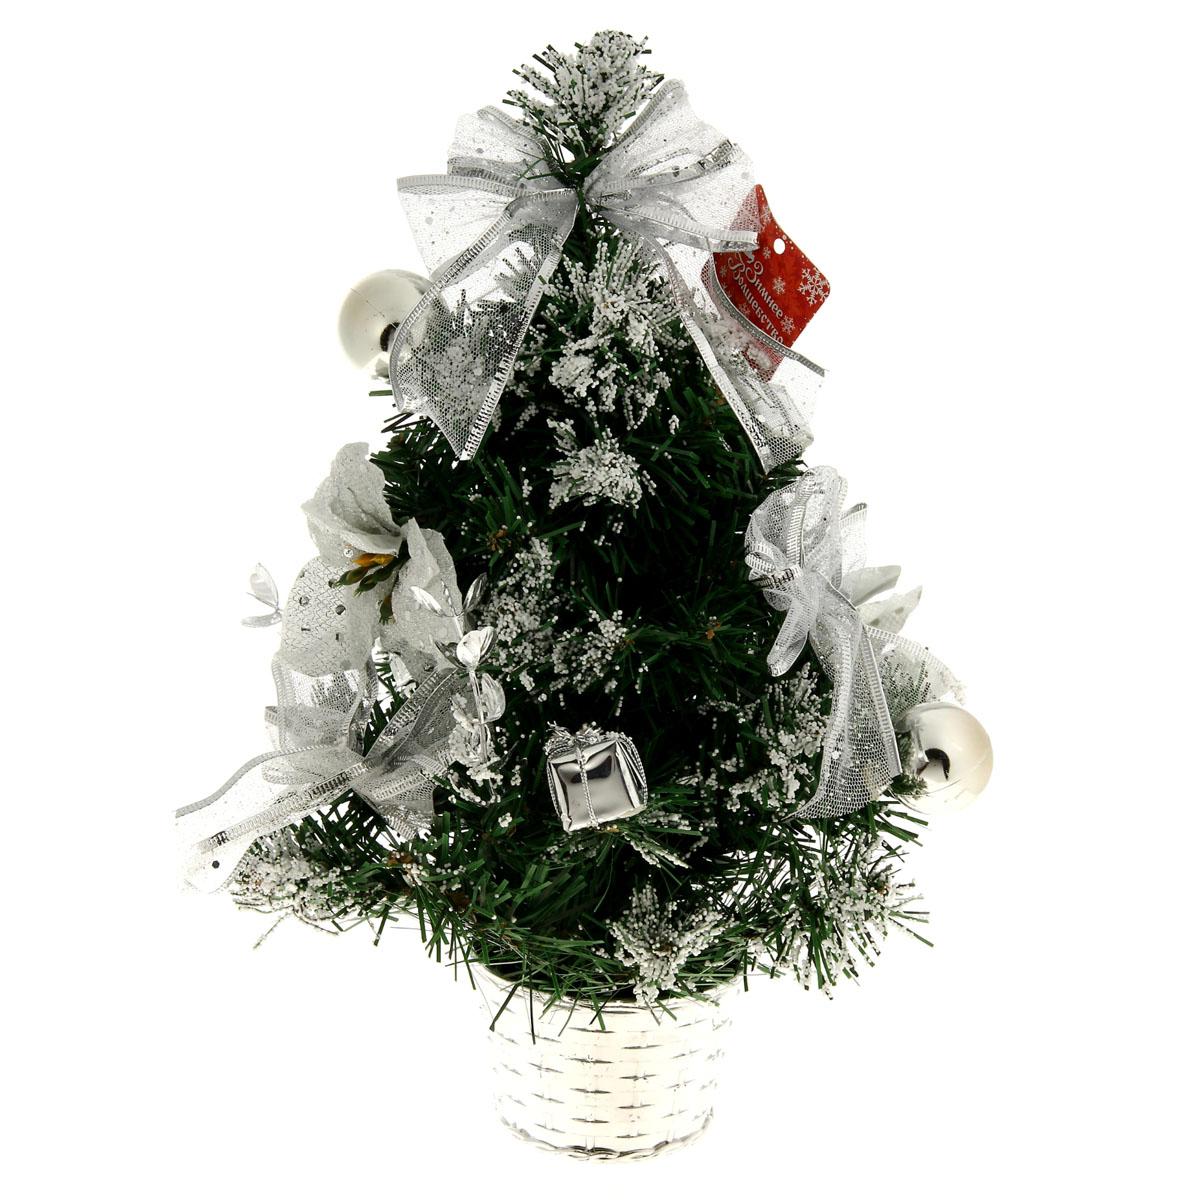 Декоративное украшение Sima-land Новогодняя елочка, цвет: серебристый, зеленый, высота 40 см. 819242819242Декоративное украшение Sima-land, выполненное из пластика - мини-елочка для оформления интерьера к Новому году. Ее не нужно ни собирать, ни наряжать, зато настроение праздника она создает очень быстро.Елка украшена текстильными бантами, шарами, цветами и белыми шариками в виде снега. Елка украсит интерьер вашего дома или офиса к Новому году и создаст теплую и уютную атмосферу праздника.Откройте для себя удивительный мир сказок и грез. Почувствуйте волшебные минуты ожидания праздника, создайте новогоднее настроение вашим дорогим и близким.